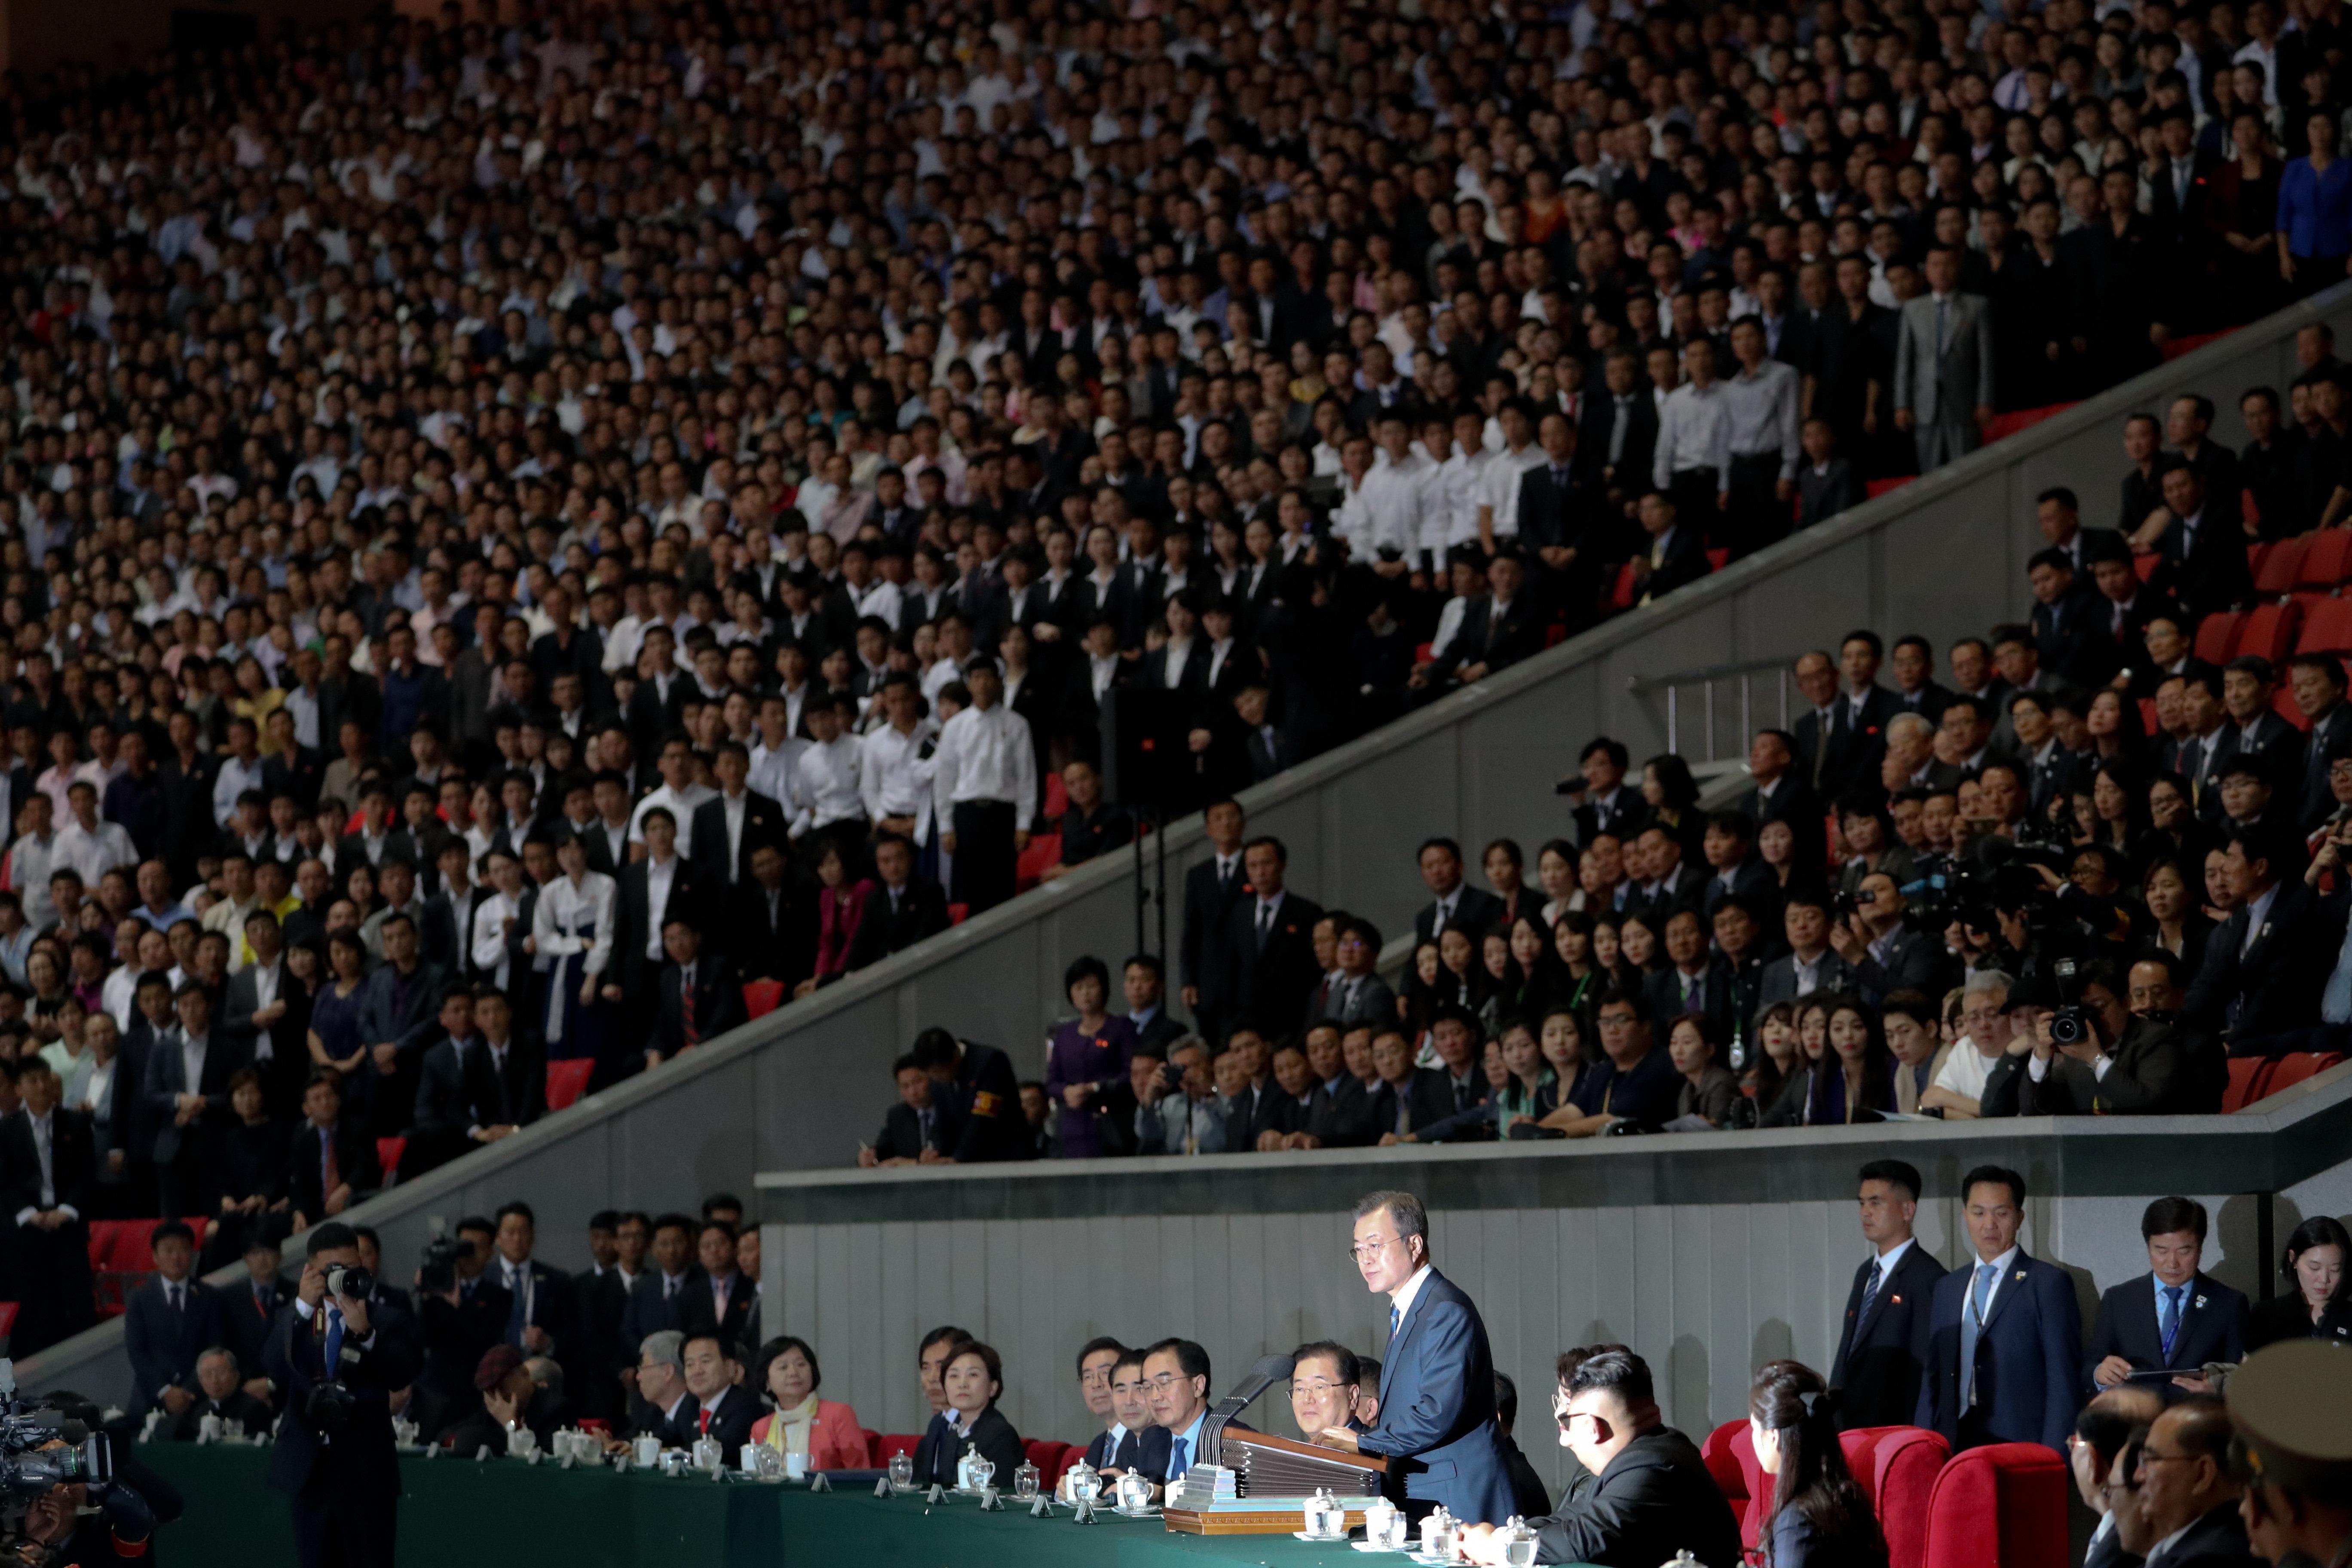 파격·초유로 점철된 평양 남북정상회담 2박3일 압축한 이낙연 총리의